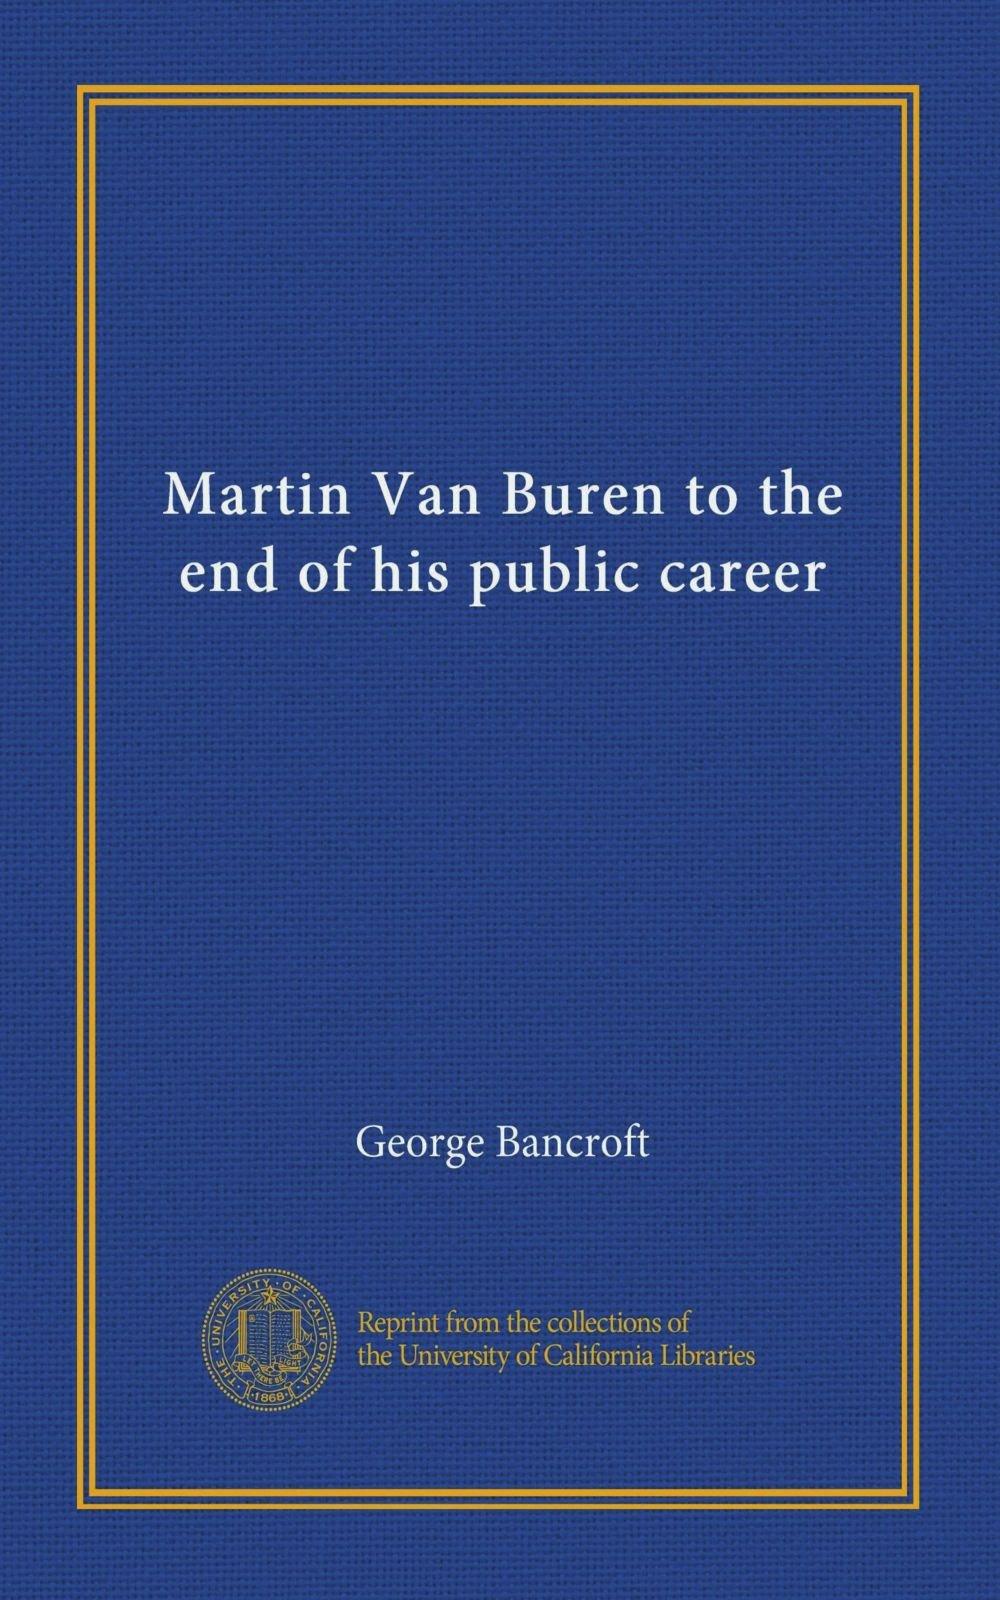 Download Martin Van Buren to the end of his public career PDF